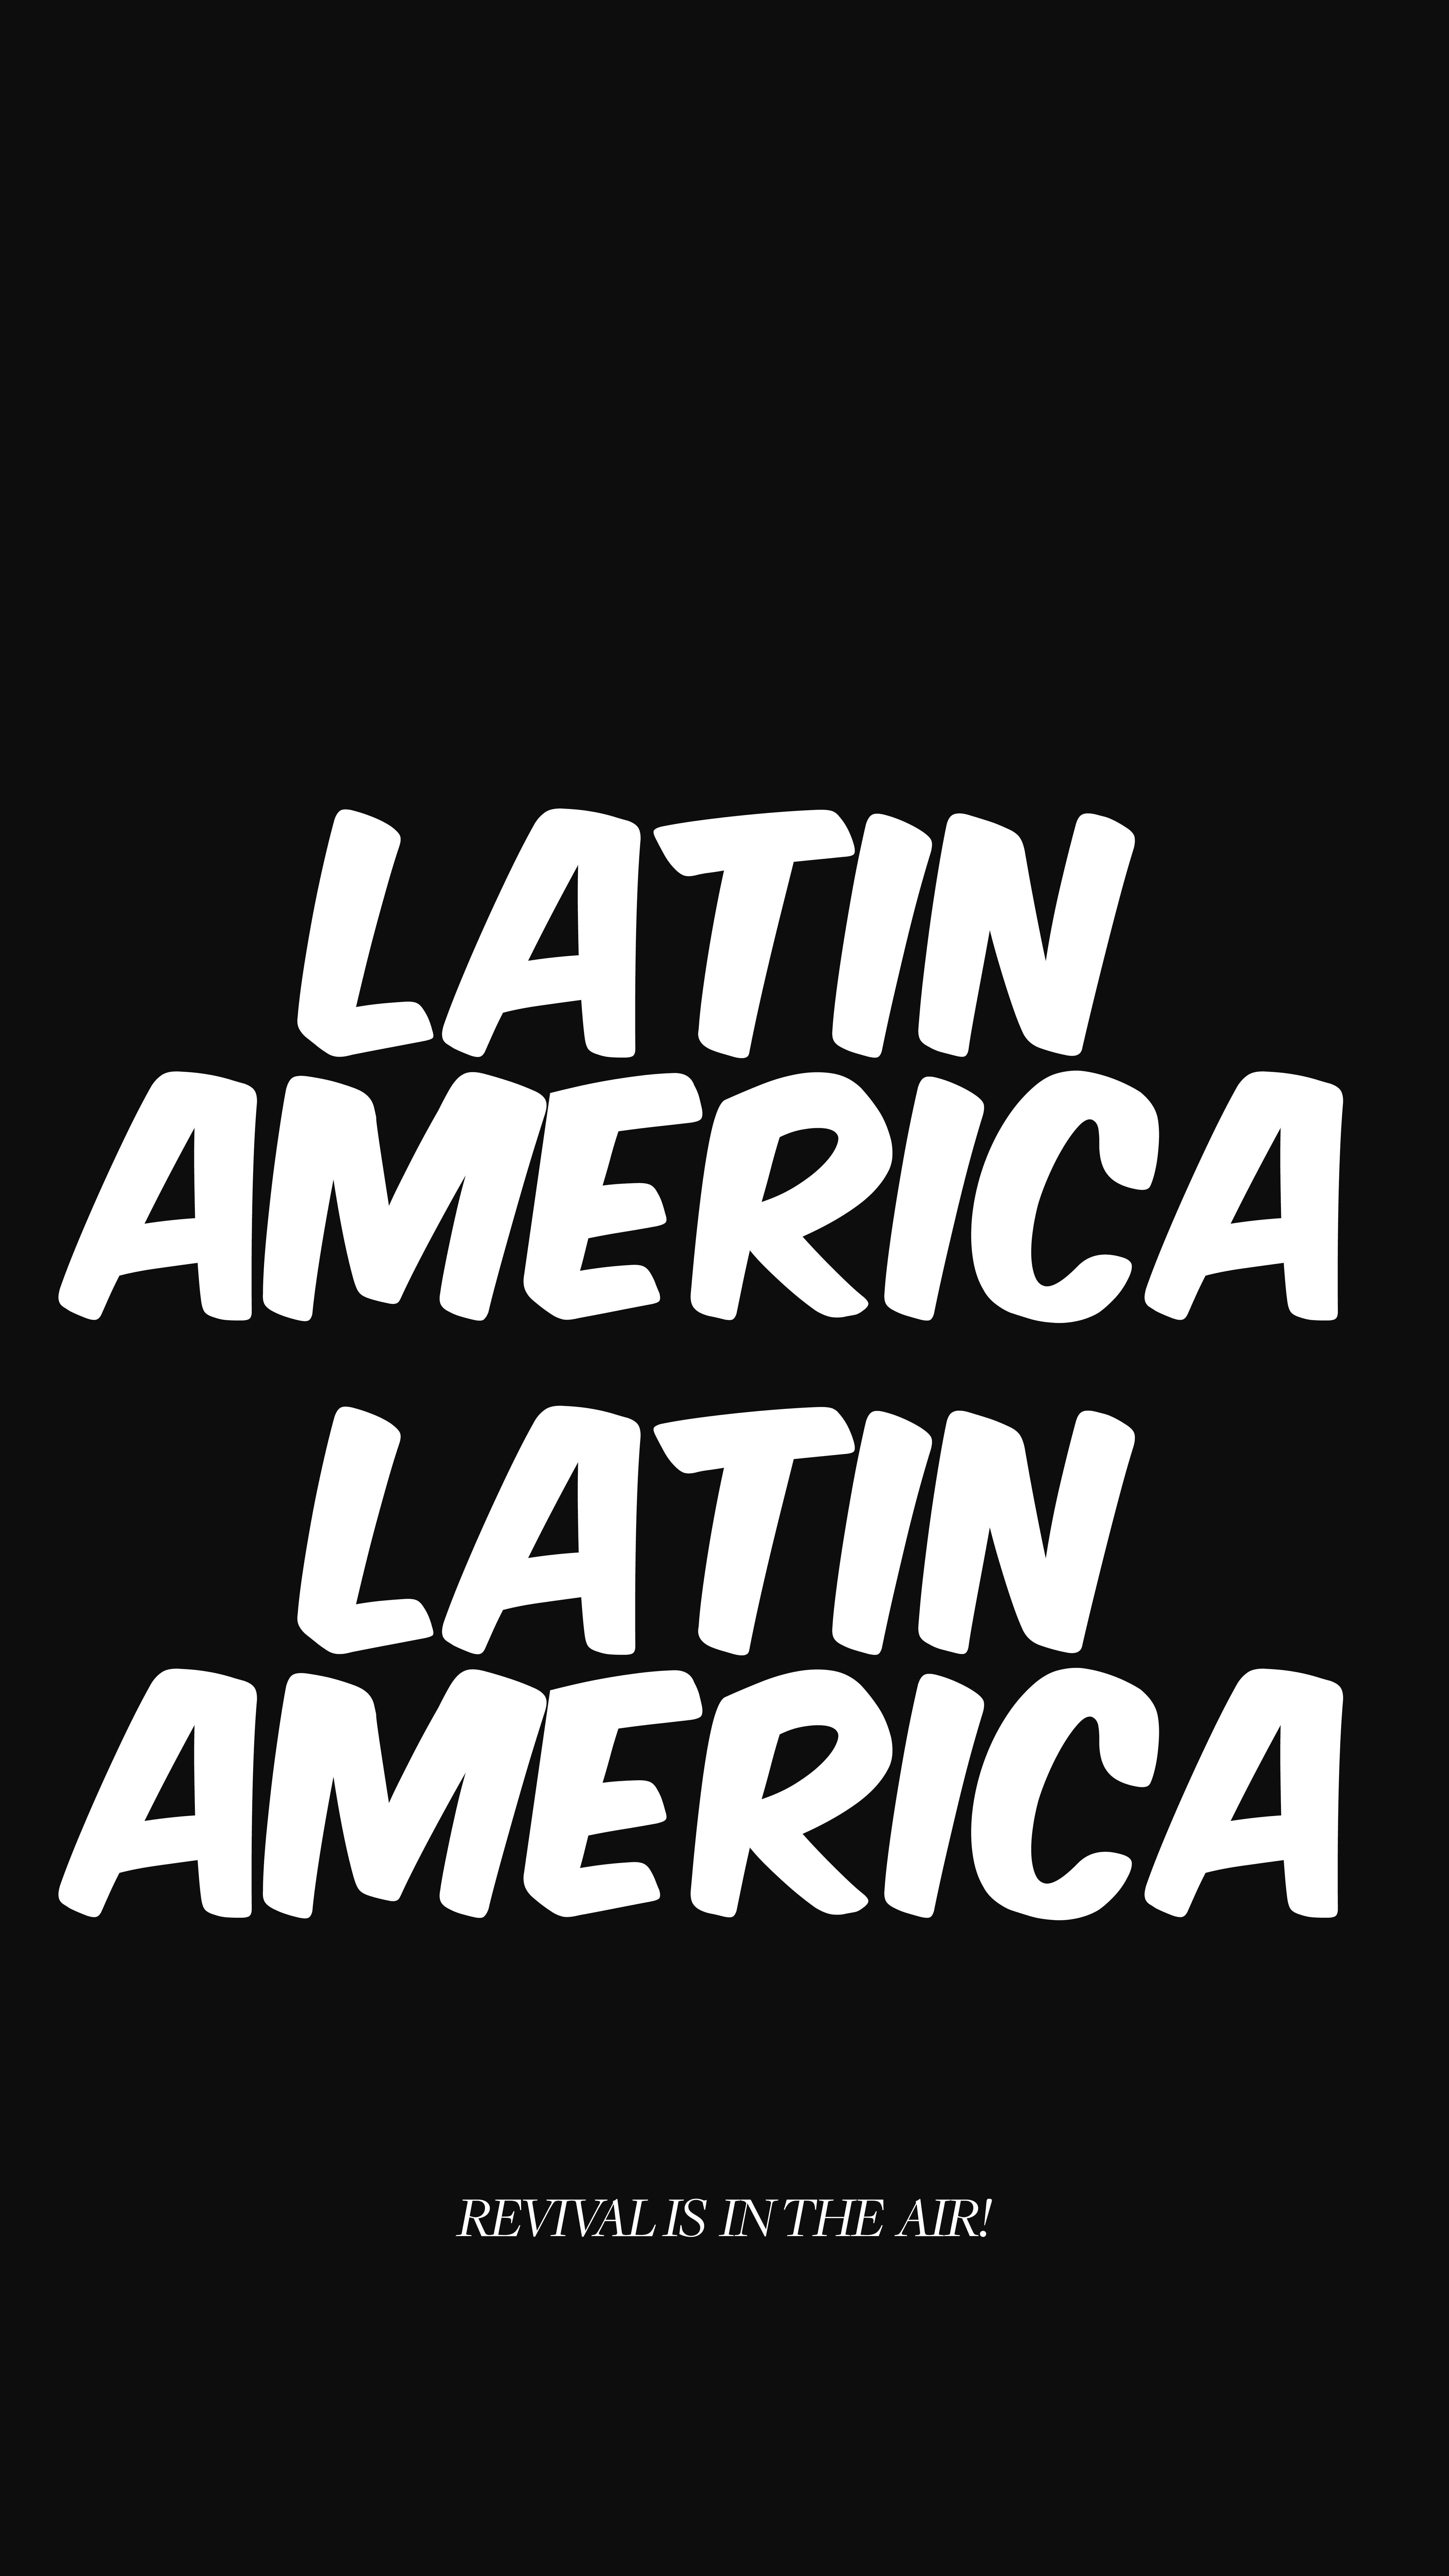 VS19 Latin America